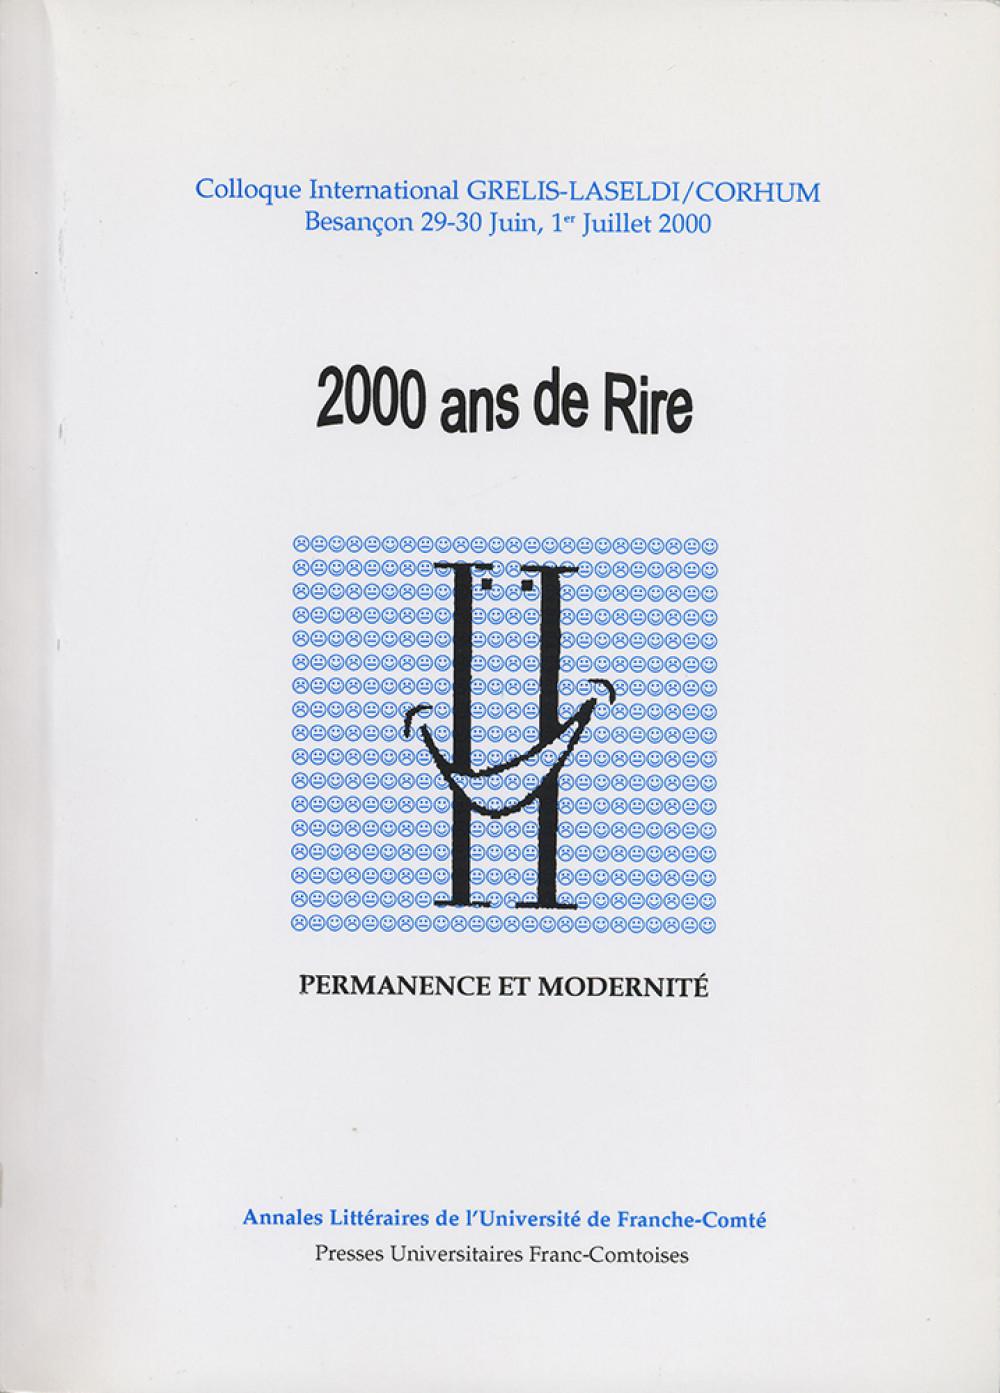 2000 ans de rire - Permanence et modernité